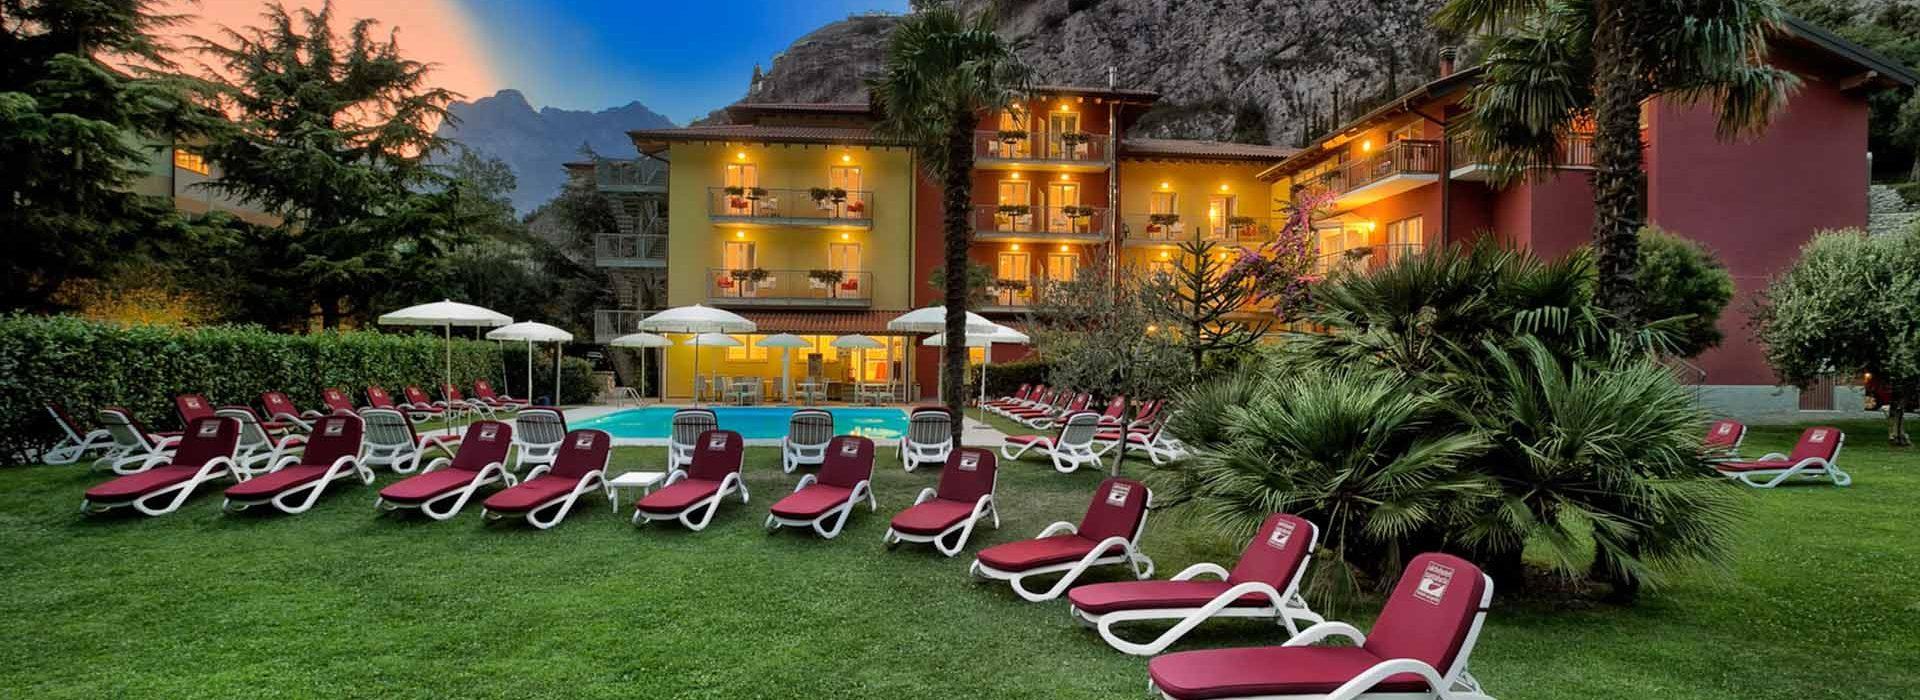 Saisonstart im AktivHotel SantaLucia Gardasee - hotel-news